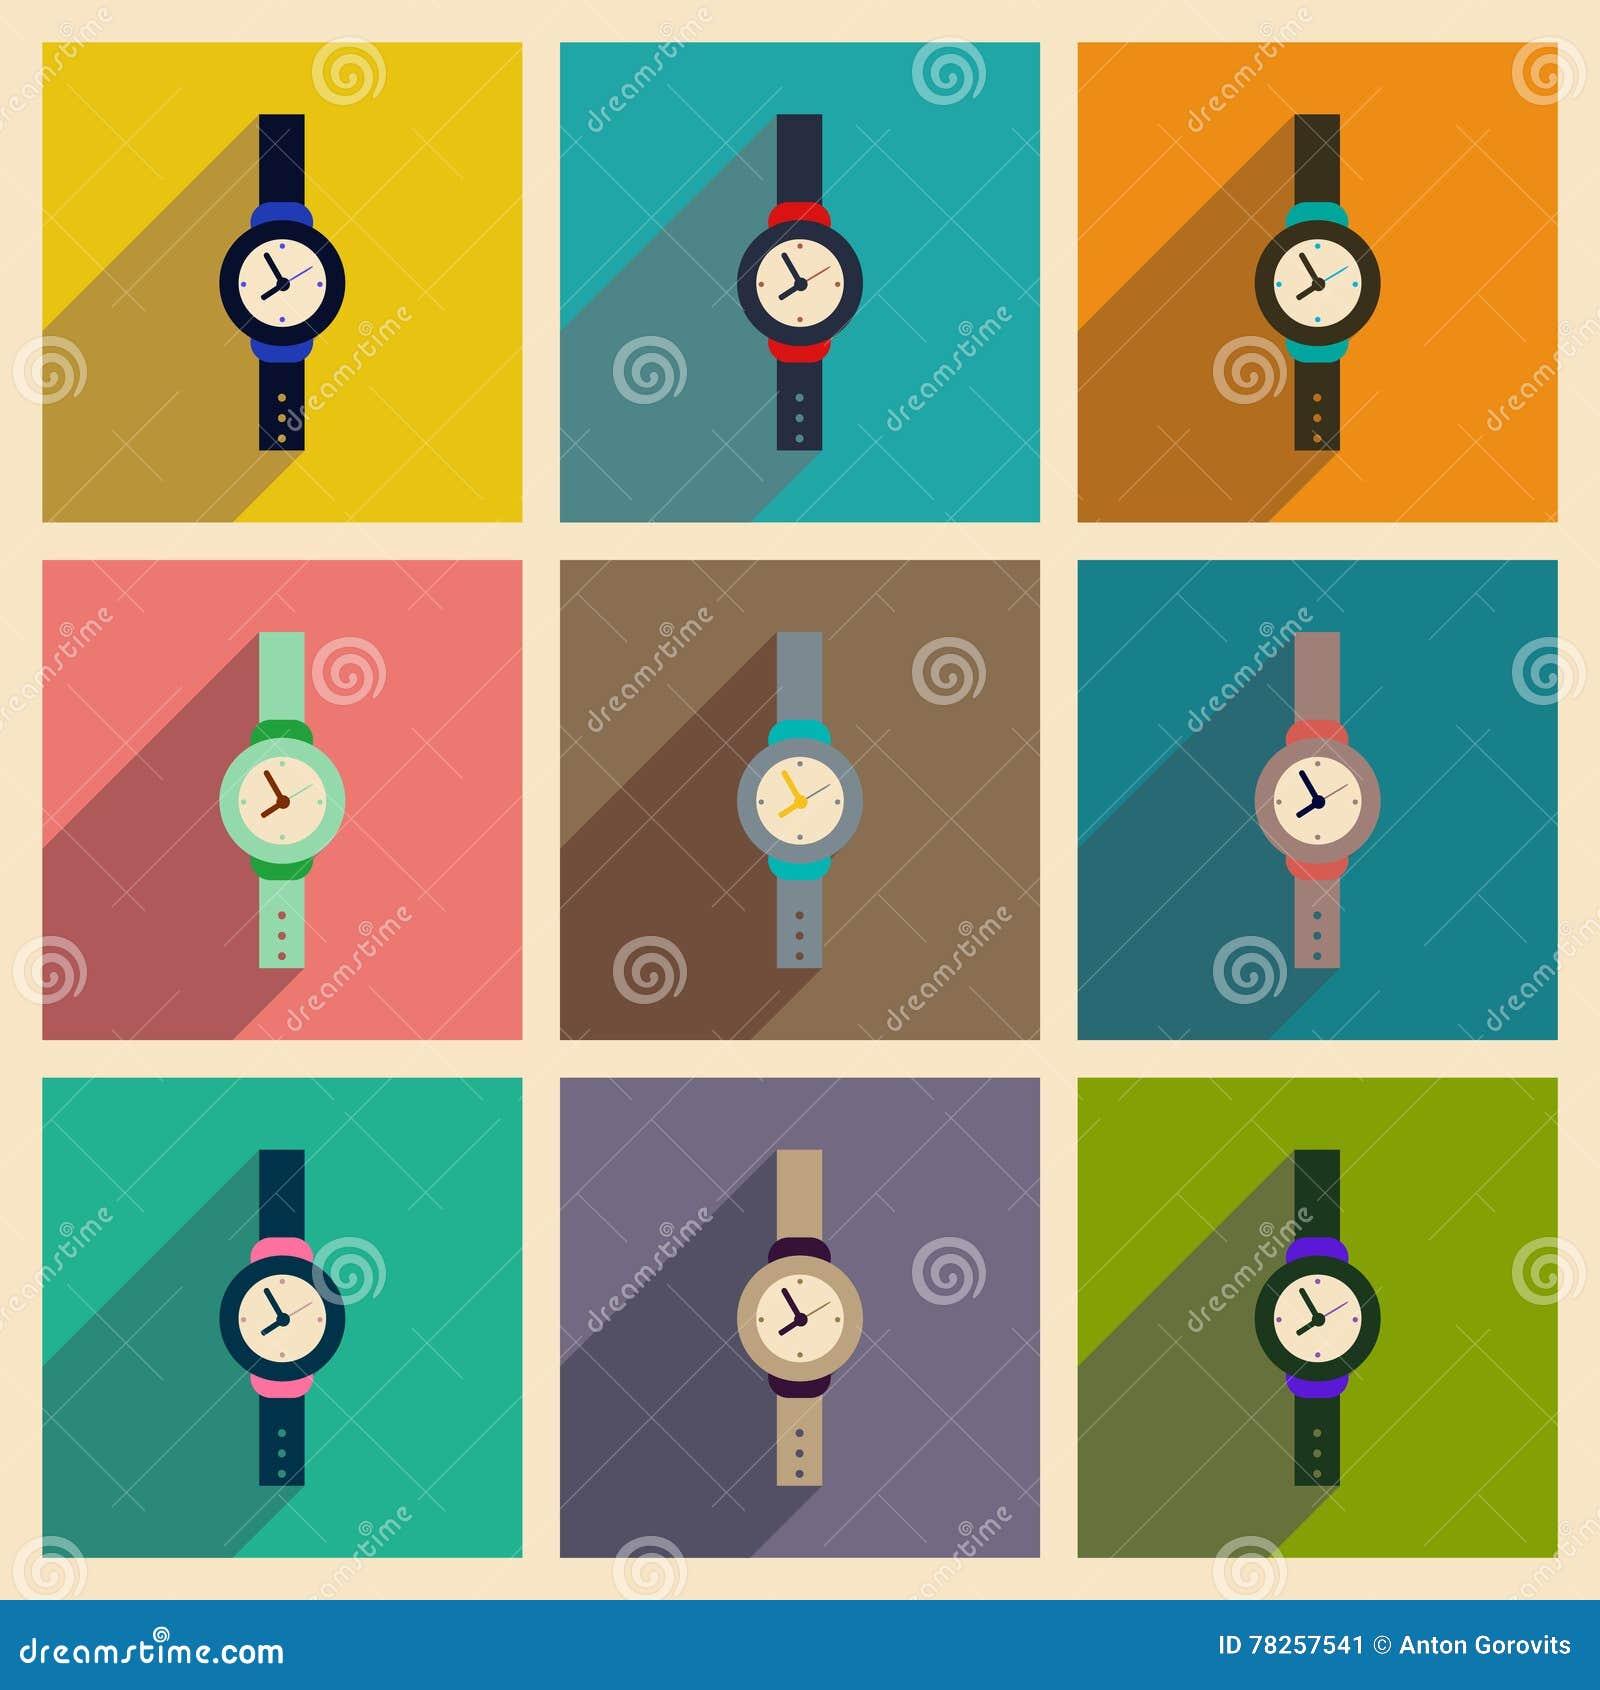 Σύγχρονη επίπεδη διανυσματική συλλογή εικονιδίων με το ρολόι ατόμων σκιών